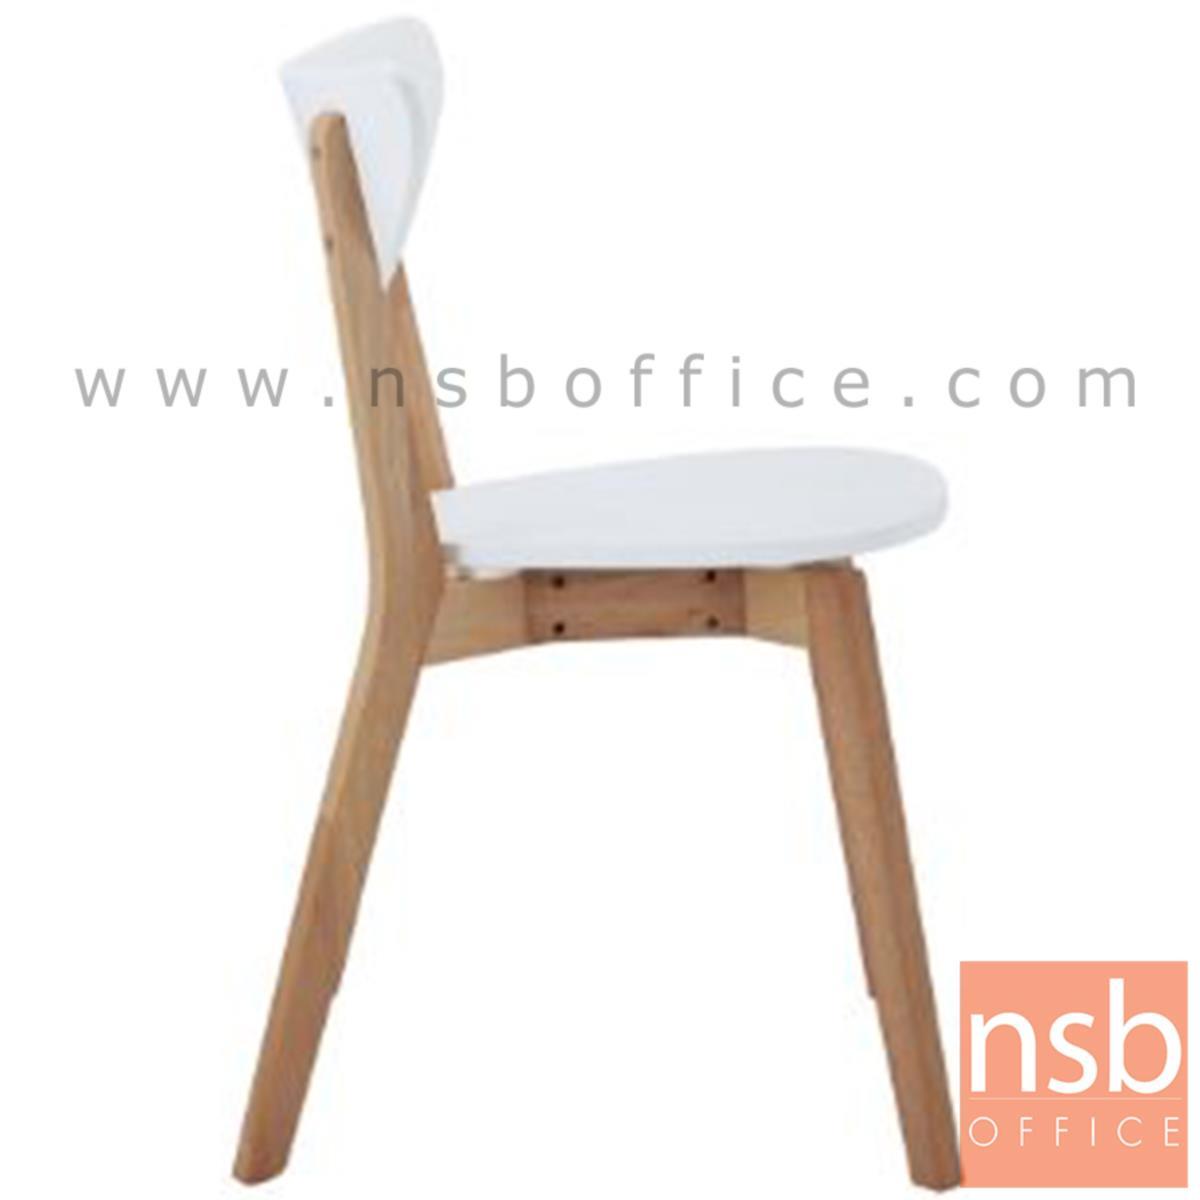 เก้าอี้รับประทานอาหาร รุ่น Lesbos (เลสบอส) ขนาด 48.5W cm.  ขาไม้จริง